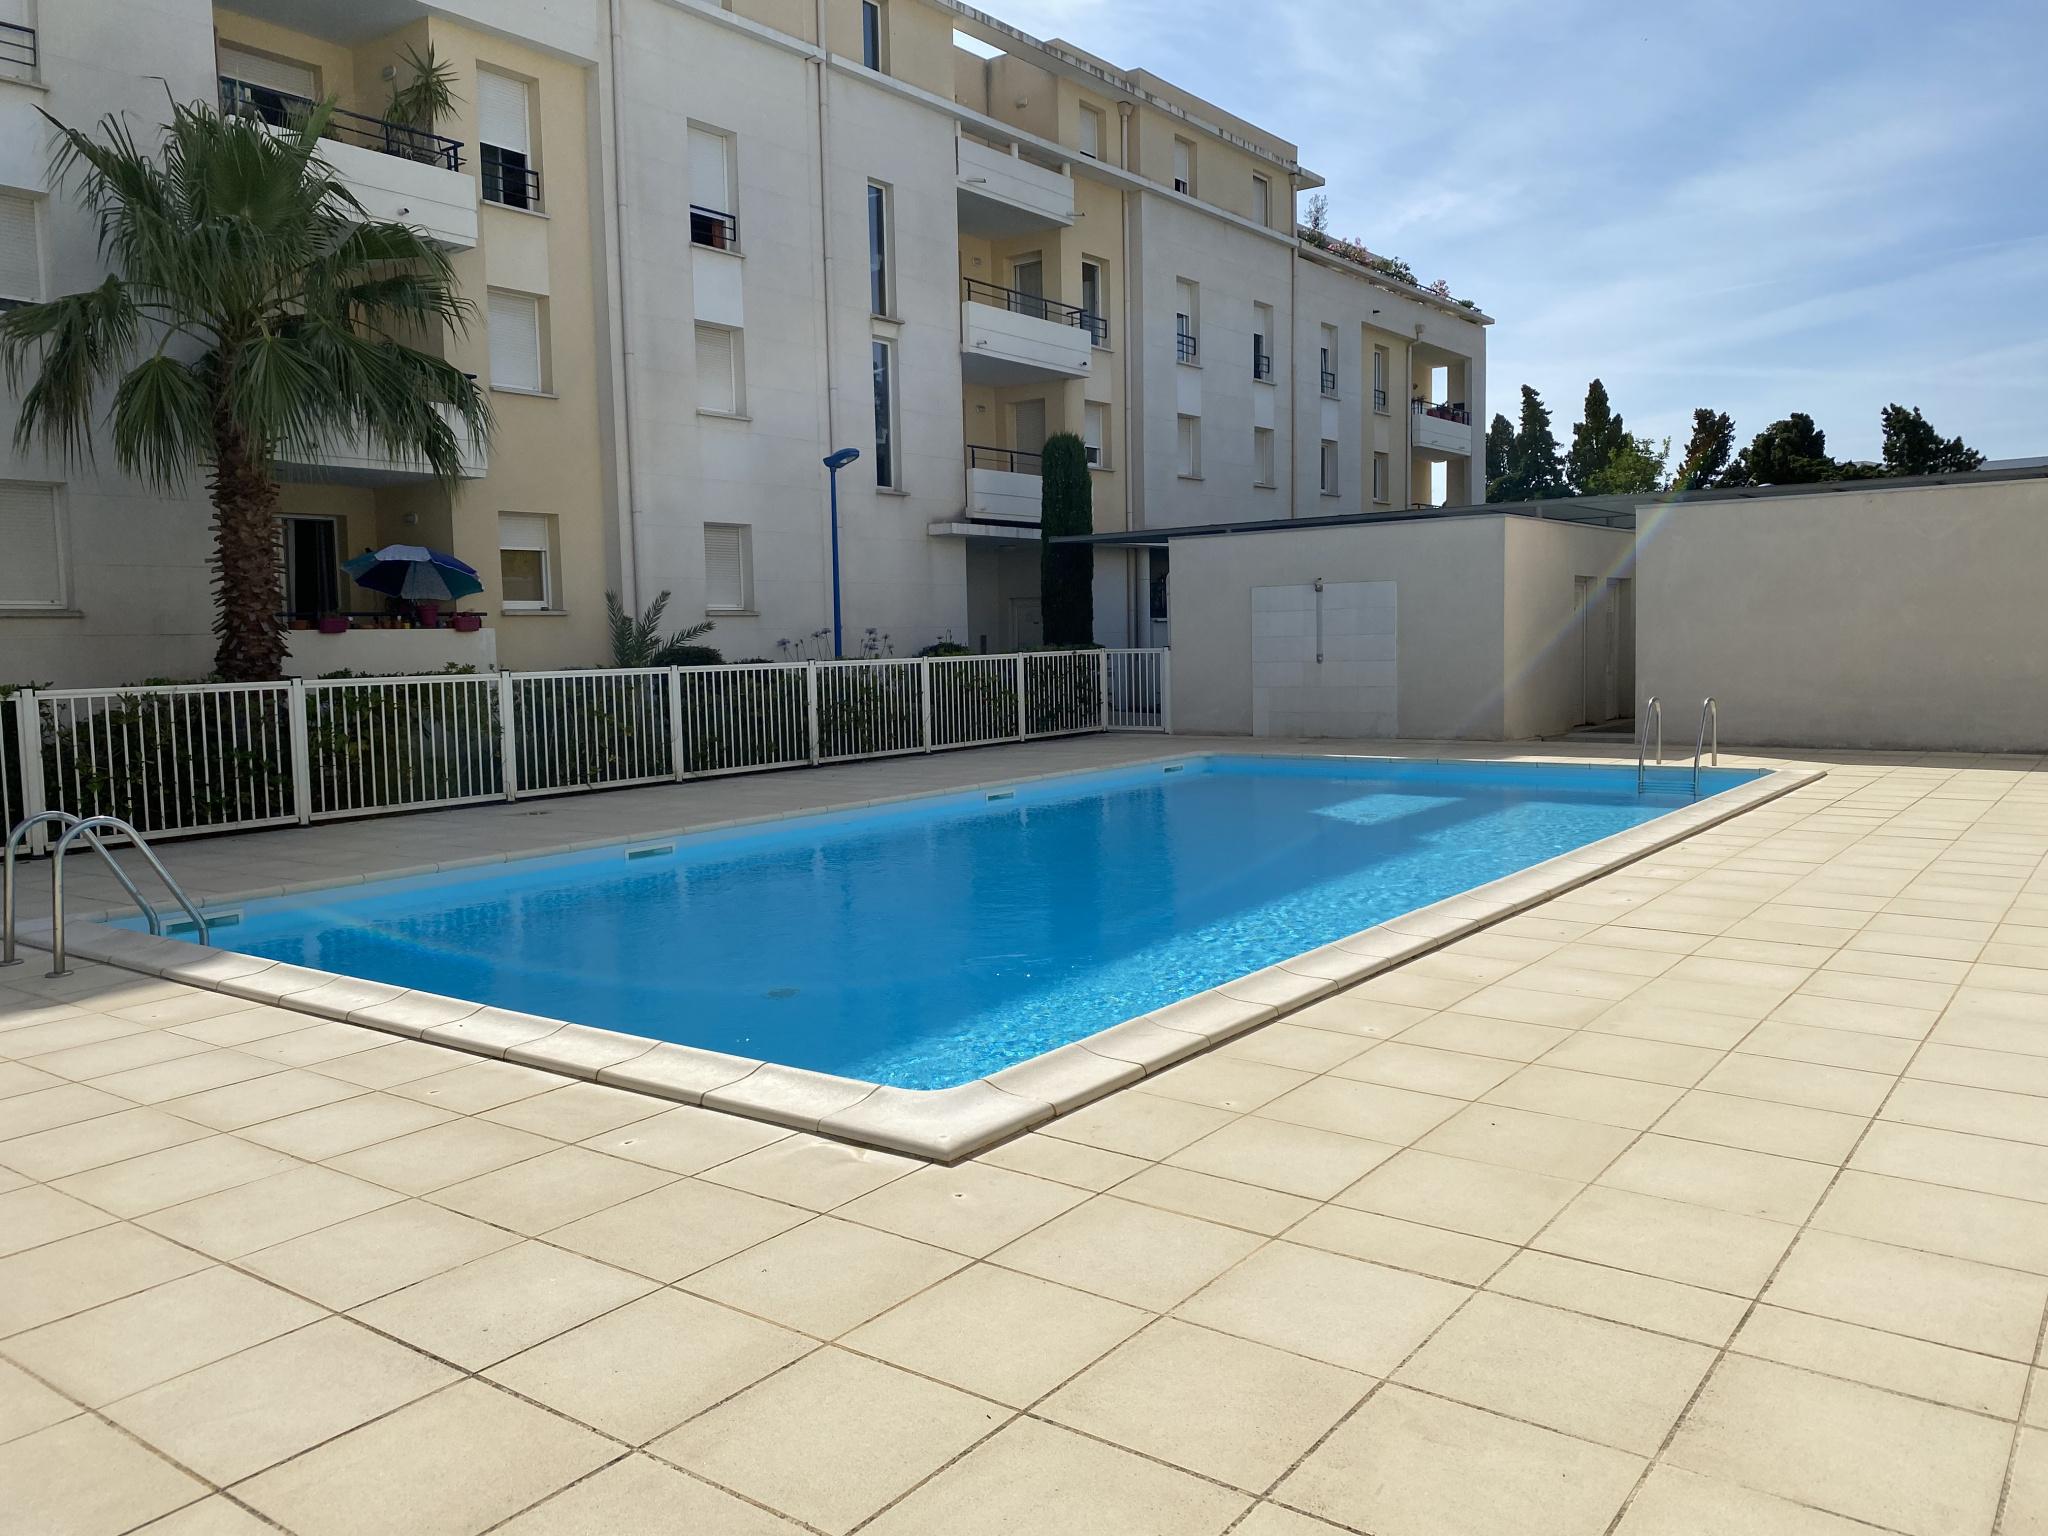 À vendre appartement de 44m2 à argeles sur mer (66700) - Photo 0'